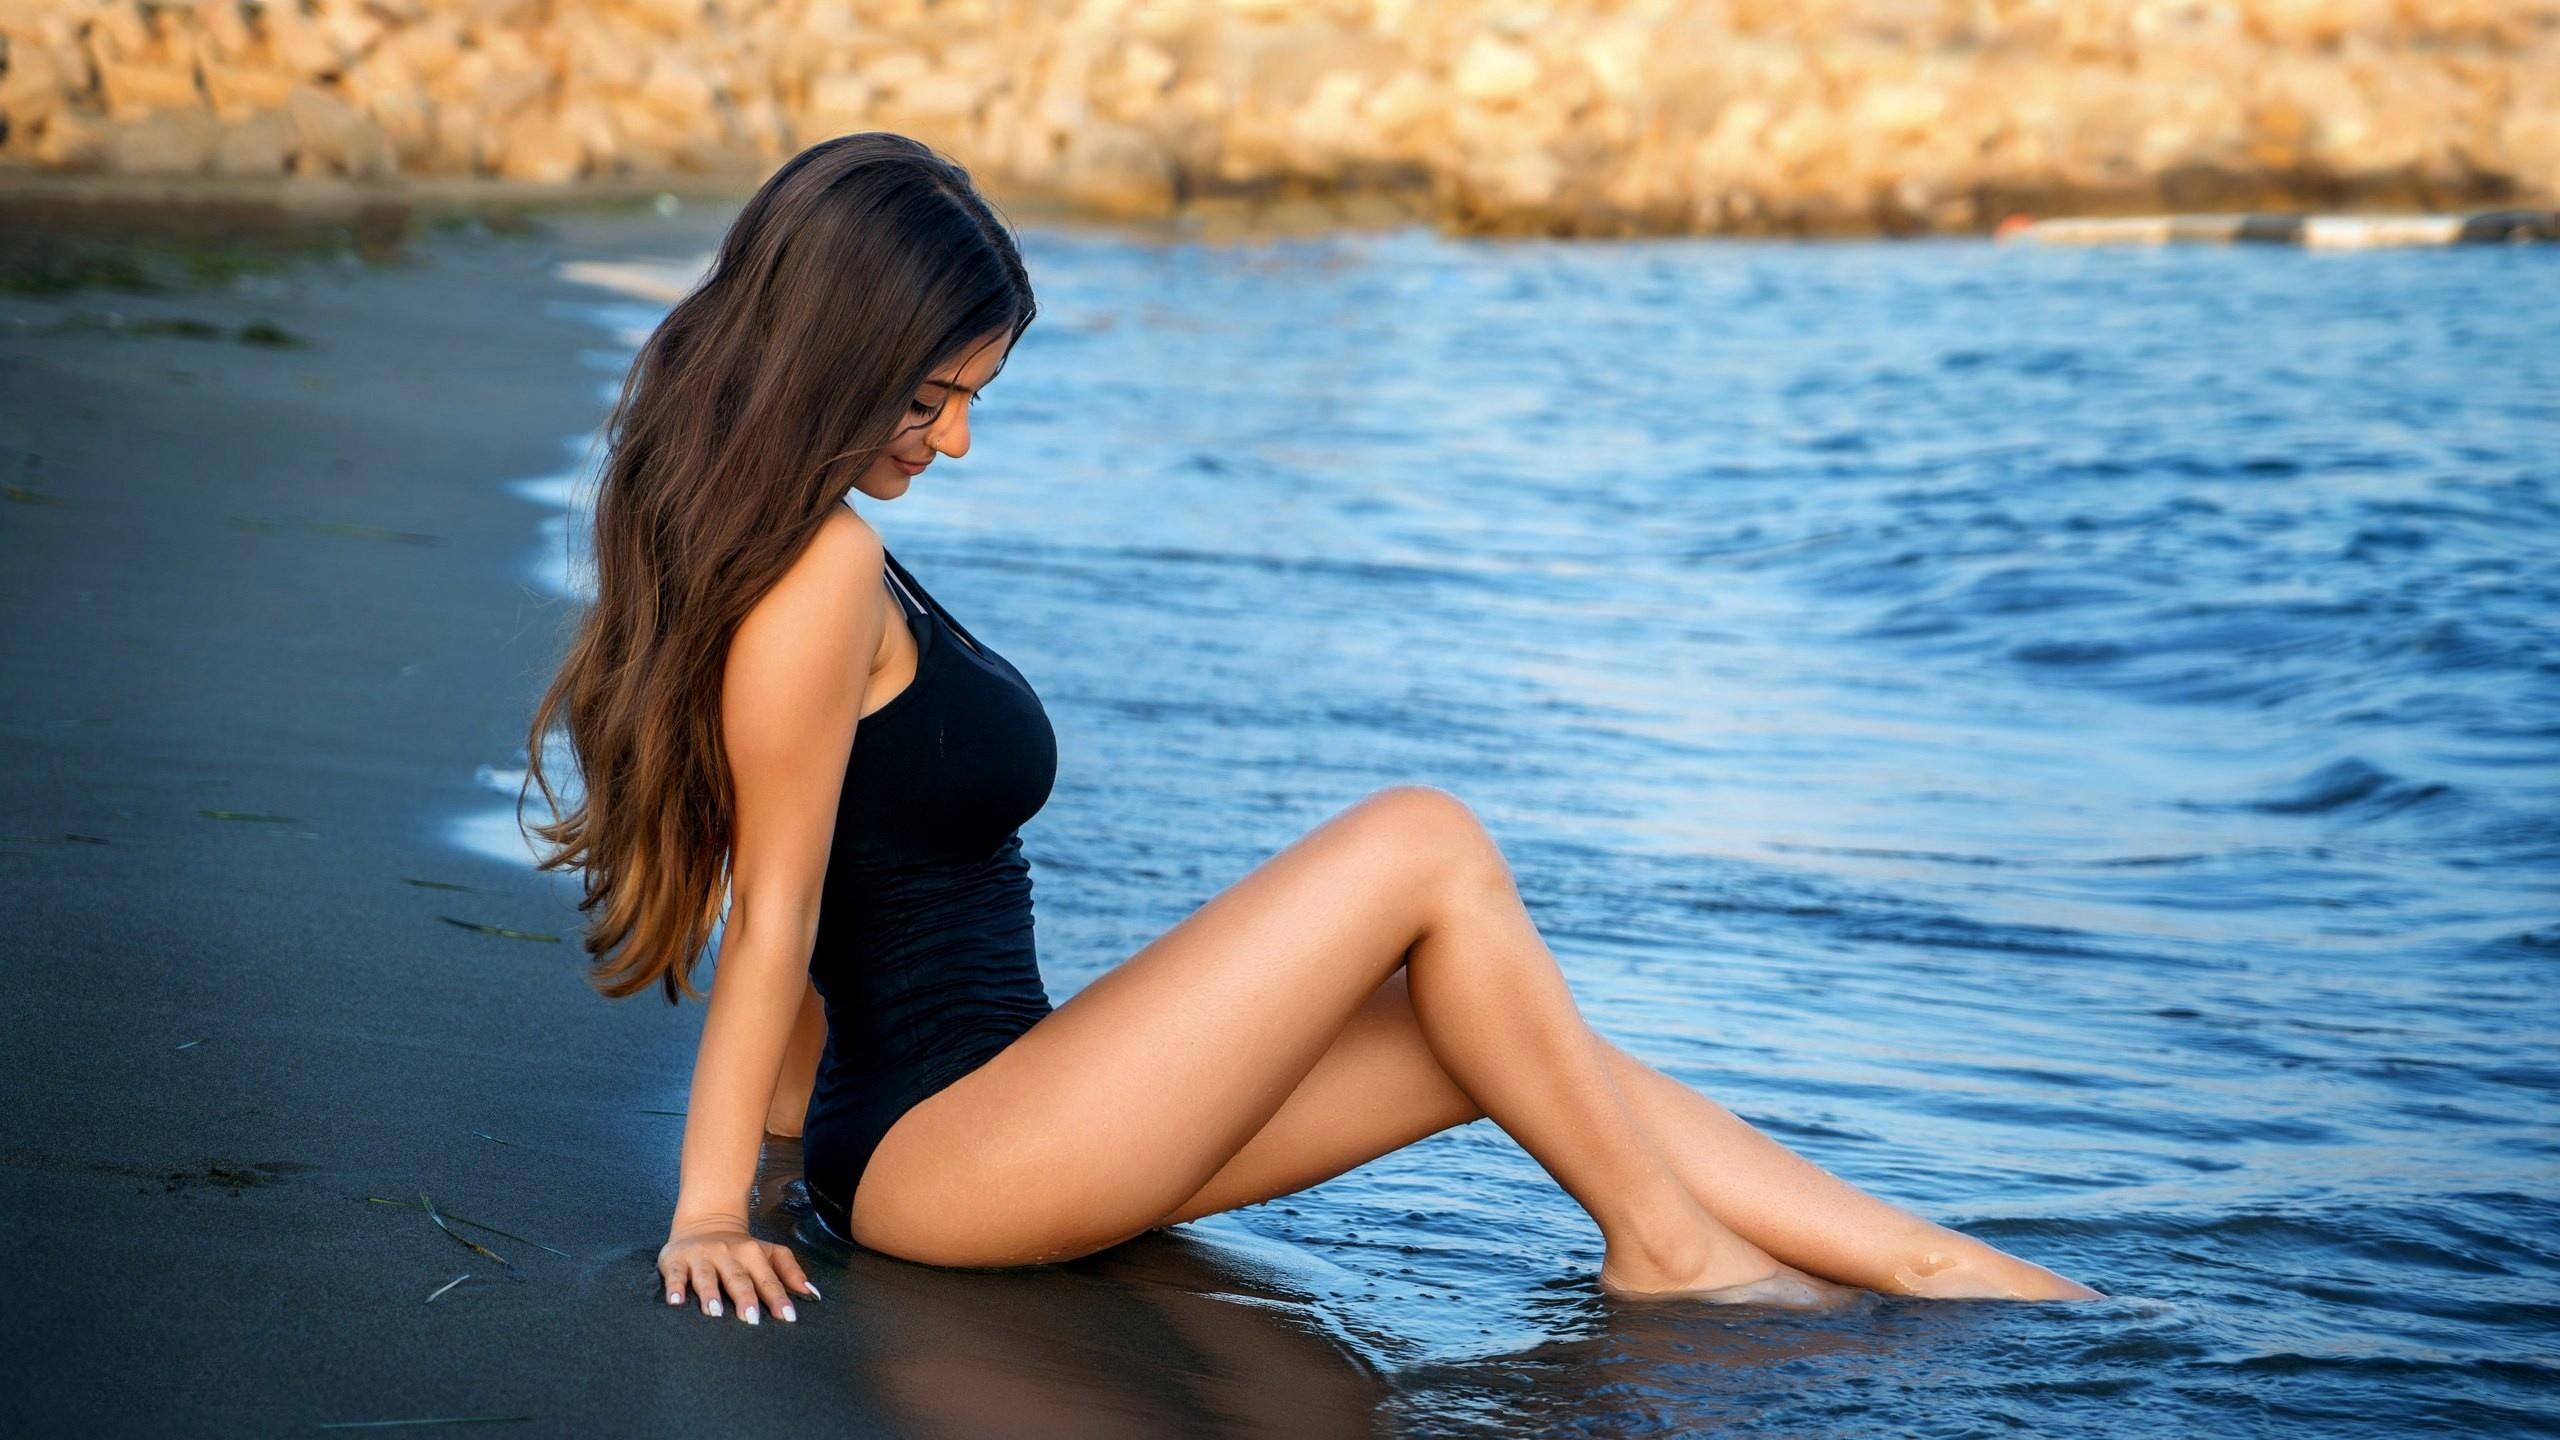 женщины, сидящий, кольца в носу, цельный купальник, воды, песок, брюнетка, капли воды, глубина резкости